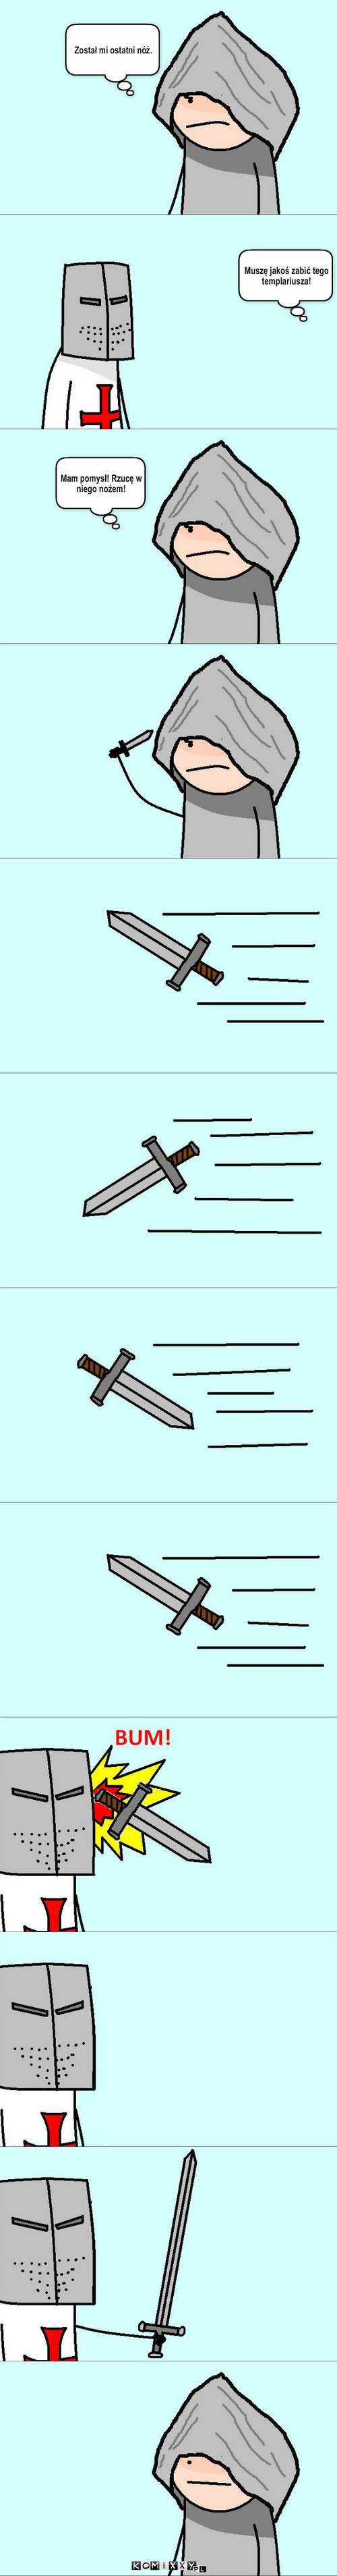 Asasyn – Muszę jakoś zabić tego templariusza! Został mi ostatni nóż. Mam pomysł! Rzucę w niego nożem!